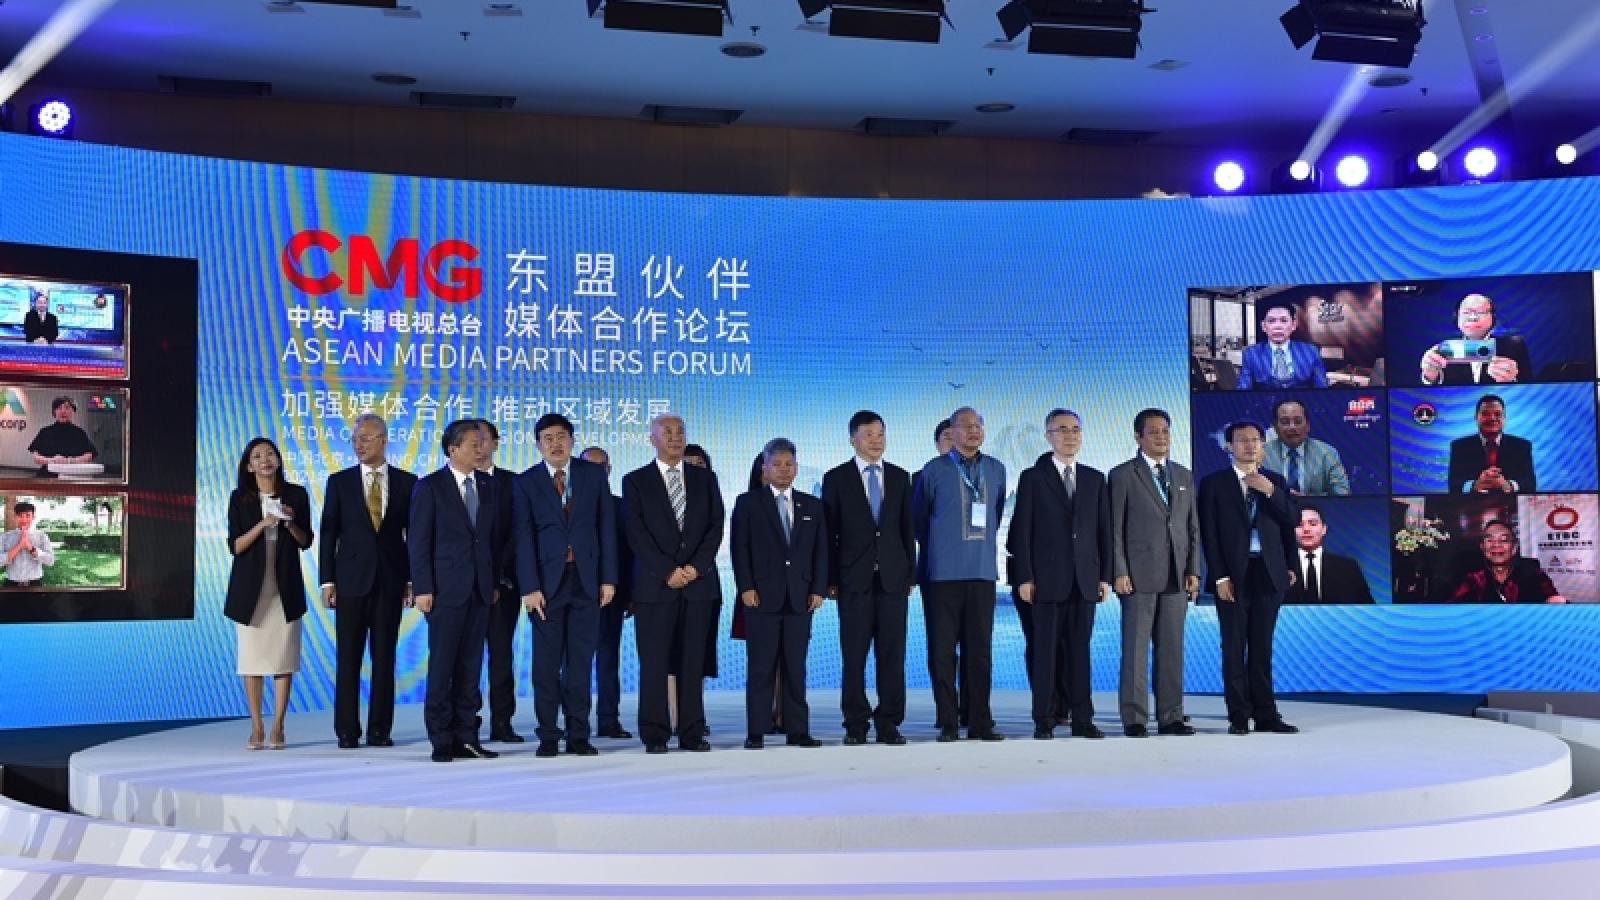 Trung Quốc tổ chức Diễn đàn Đối tác Truyền thông ASEAN